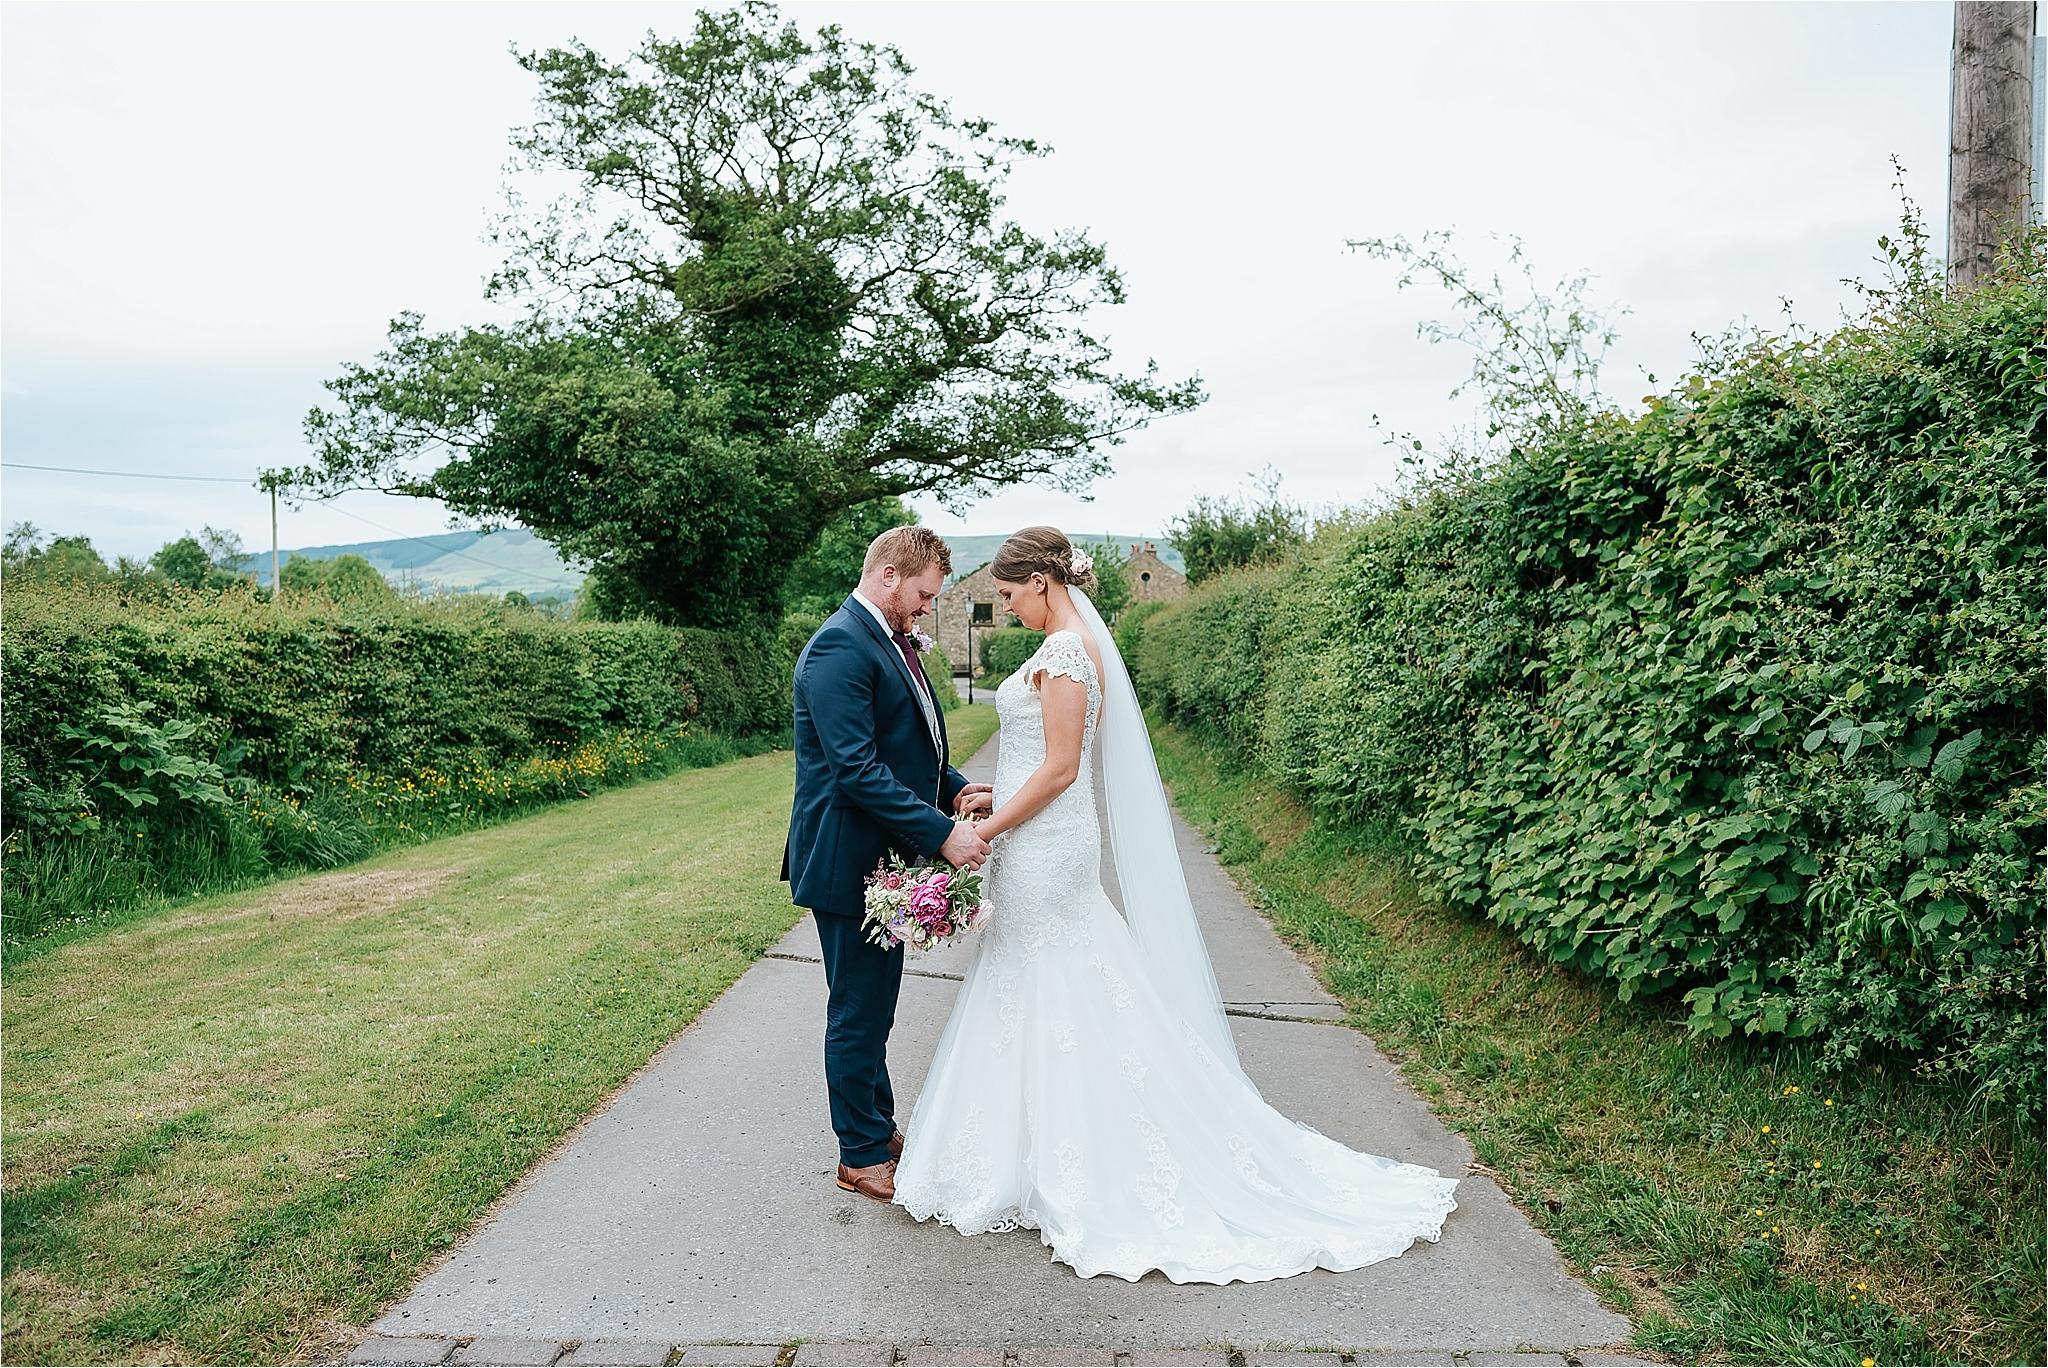 lancashireweddingphotography_0062.jpg